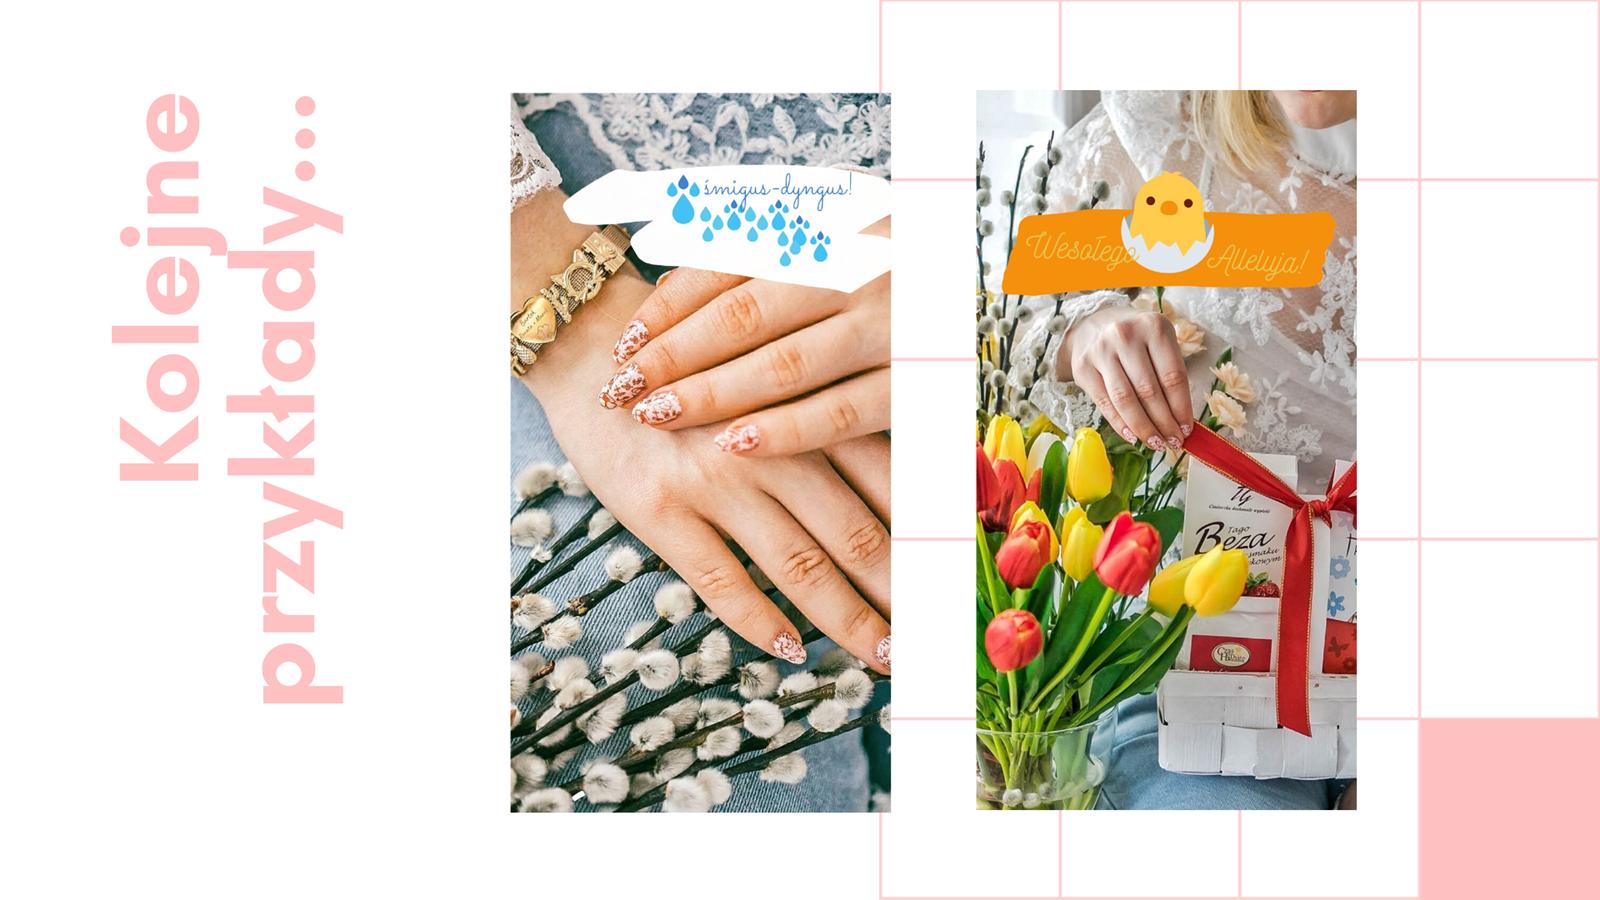 12 darmowe naklejki na instastories kwiaty wielkanoc jak zrobić swoją naklejkę na stories instagram jak wstawiać naklejki na instastory klawiatura swiftkey instrukcja krok po kroku